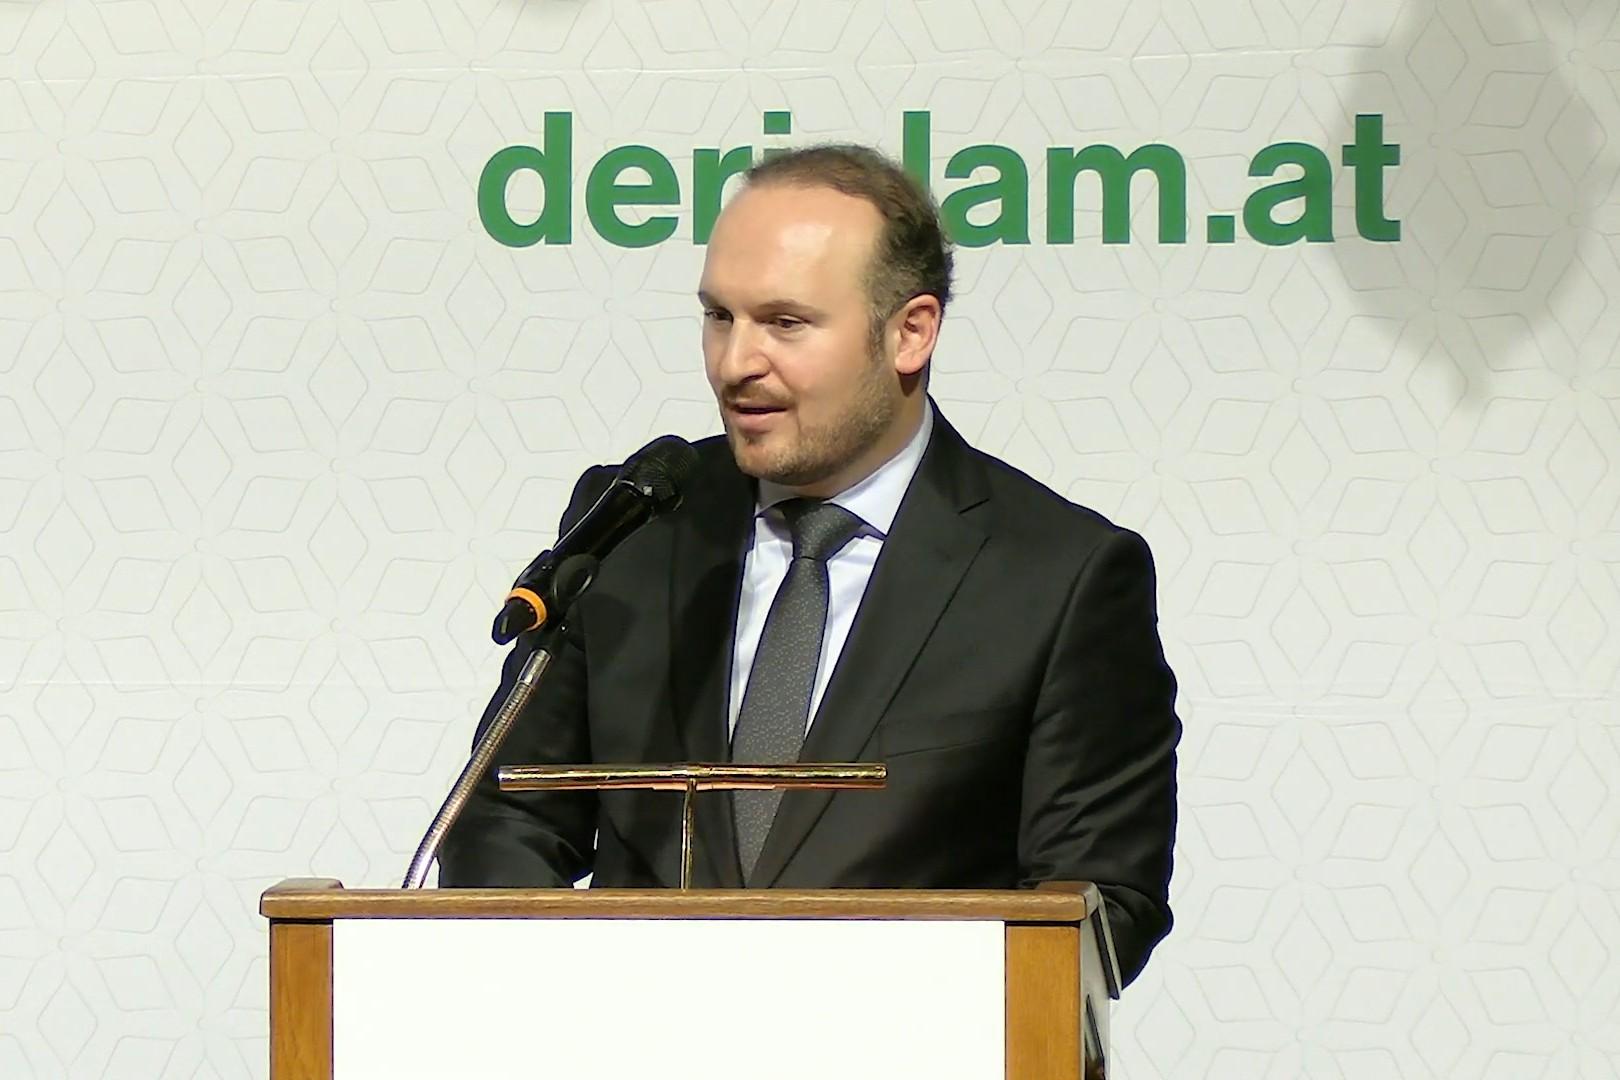 Predsednik IGGÖ Umit Vural tokom govora na skupu posvećenom 40. godišnjici IGGÖ, Beč, 19. novembar 2019. (Foto: Snimak ekrana/Jutjub)